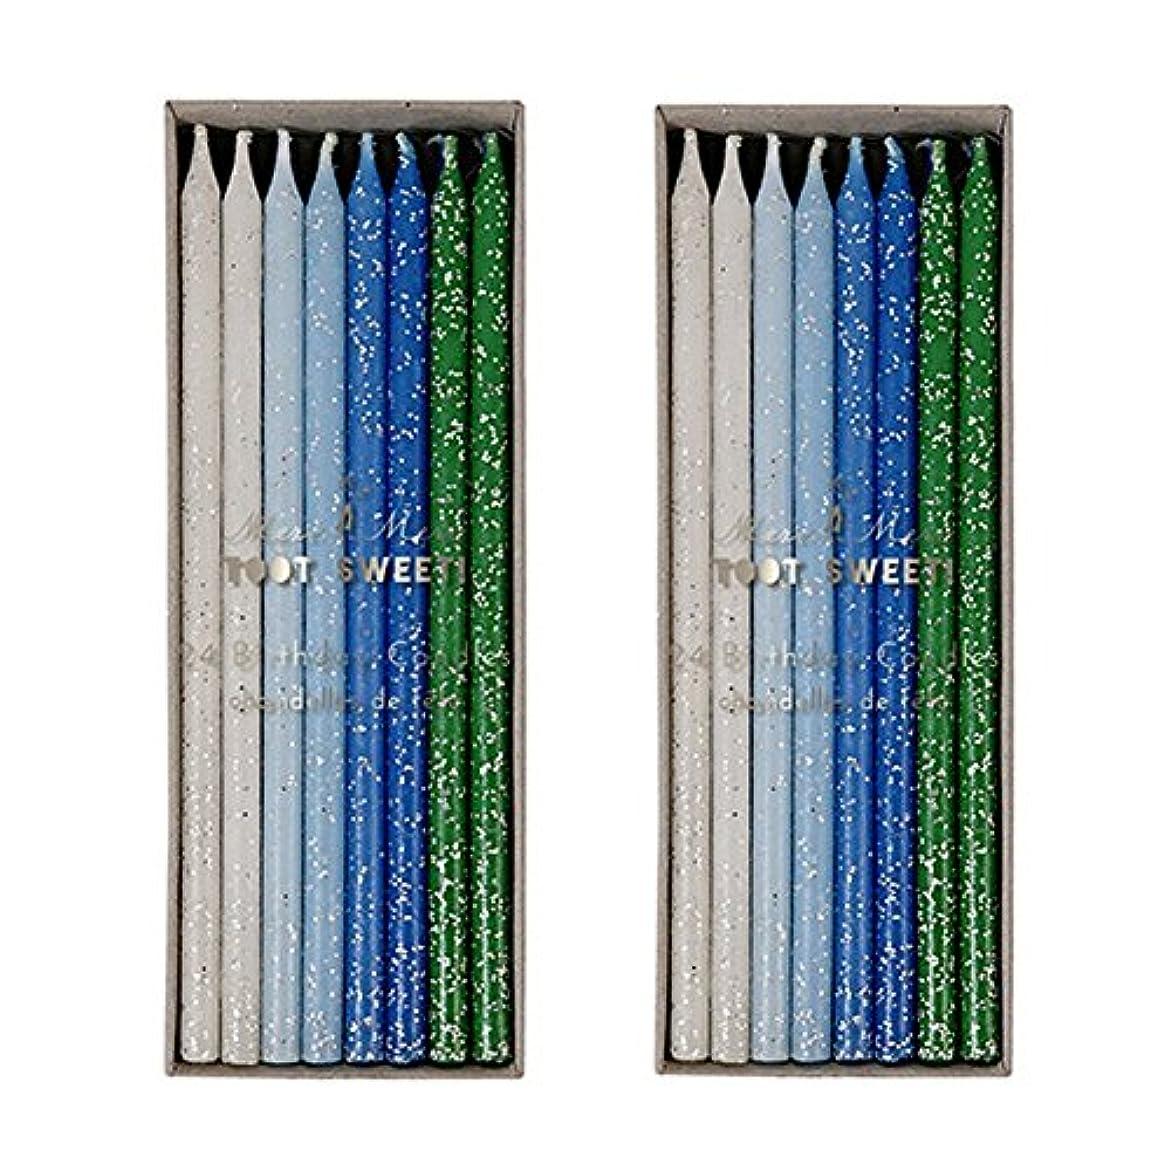 ロゴ石唯一Meri Meri Birthday Candles 2つpack-48キャンドル ブルー